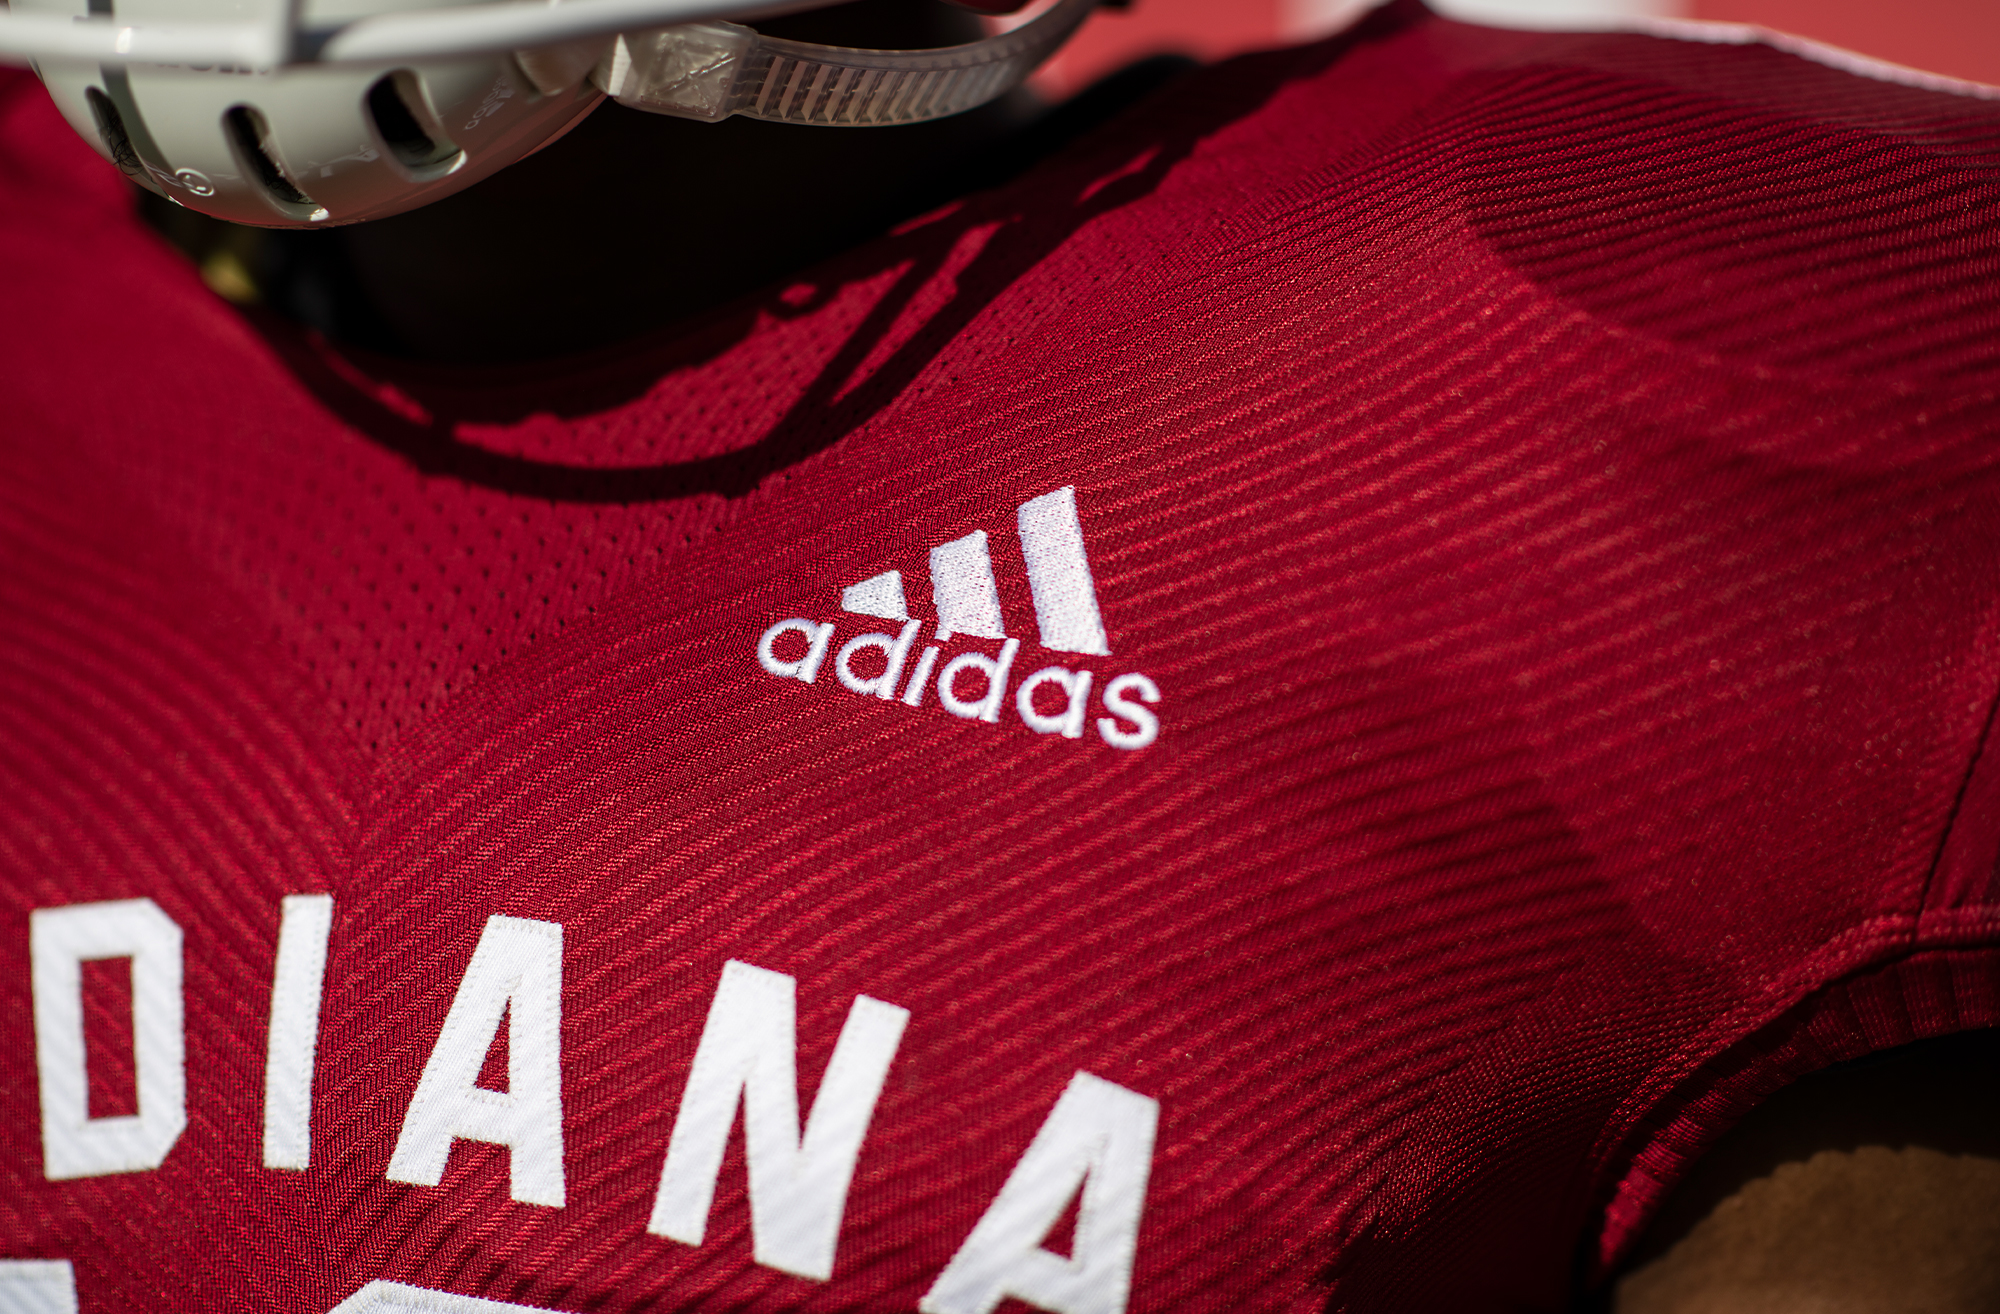 adidas_NCAA_OnField_Detail_Indiana10_2000x1314.jpg